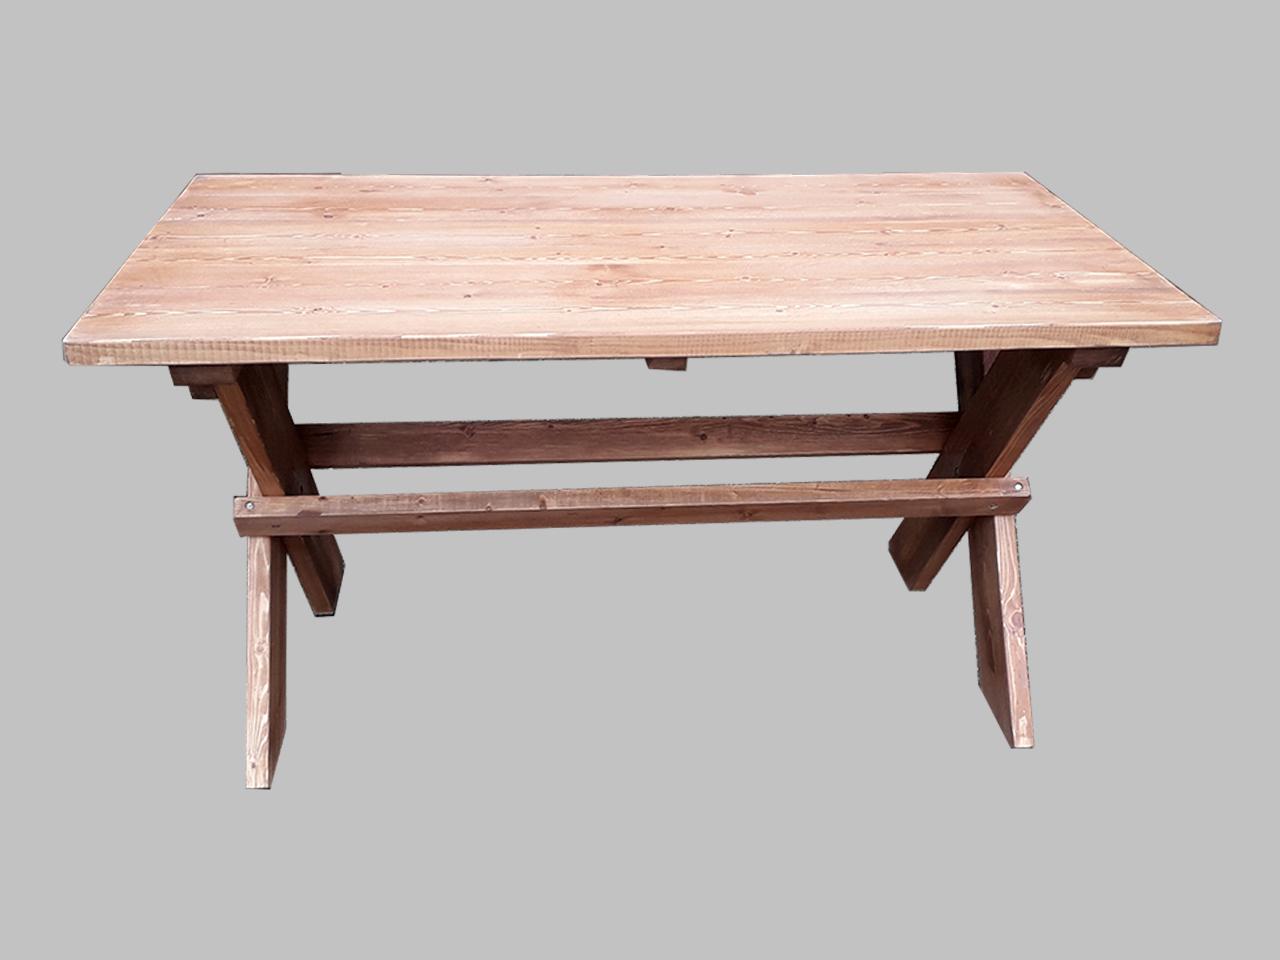 Τραπέζι με χιαστί πόδια ξύλινο - Μοναστηριακό